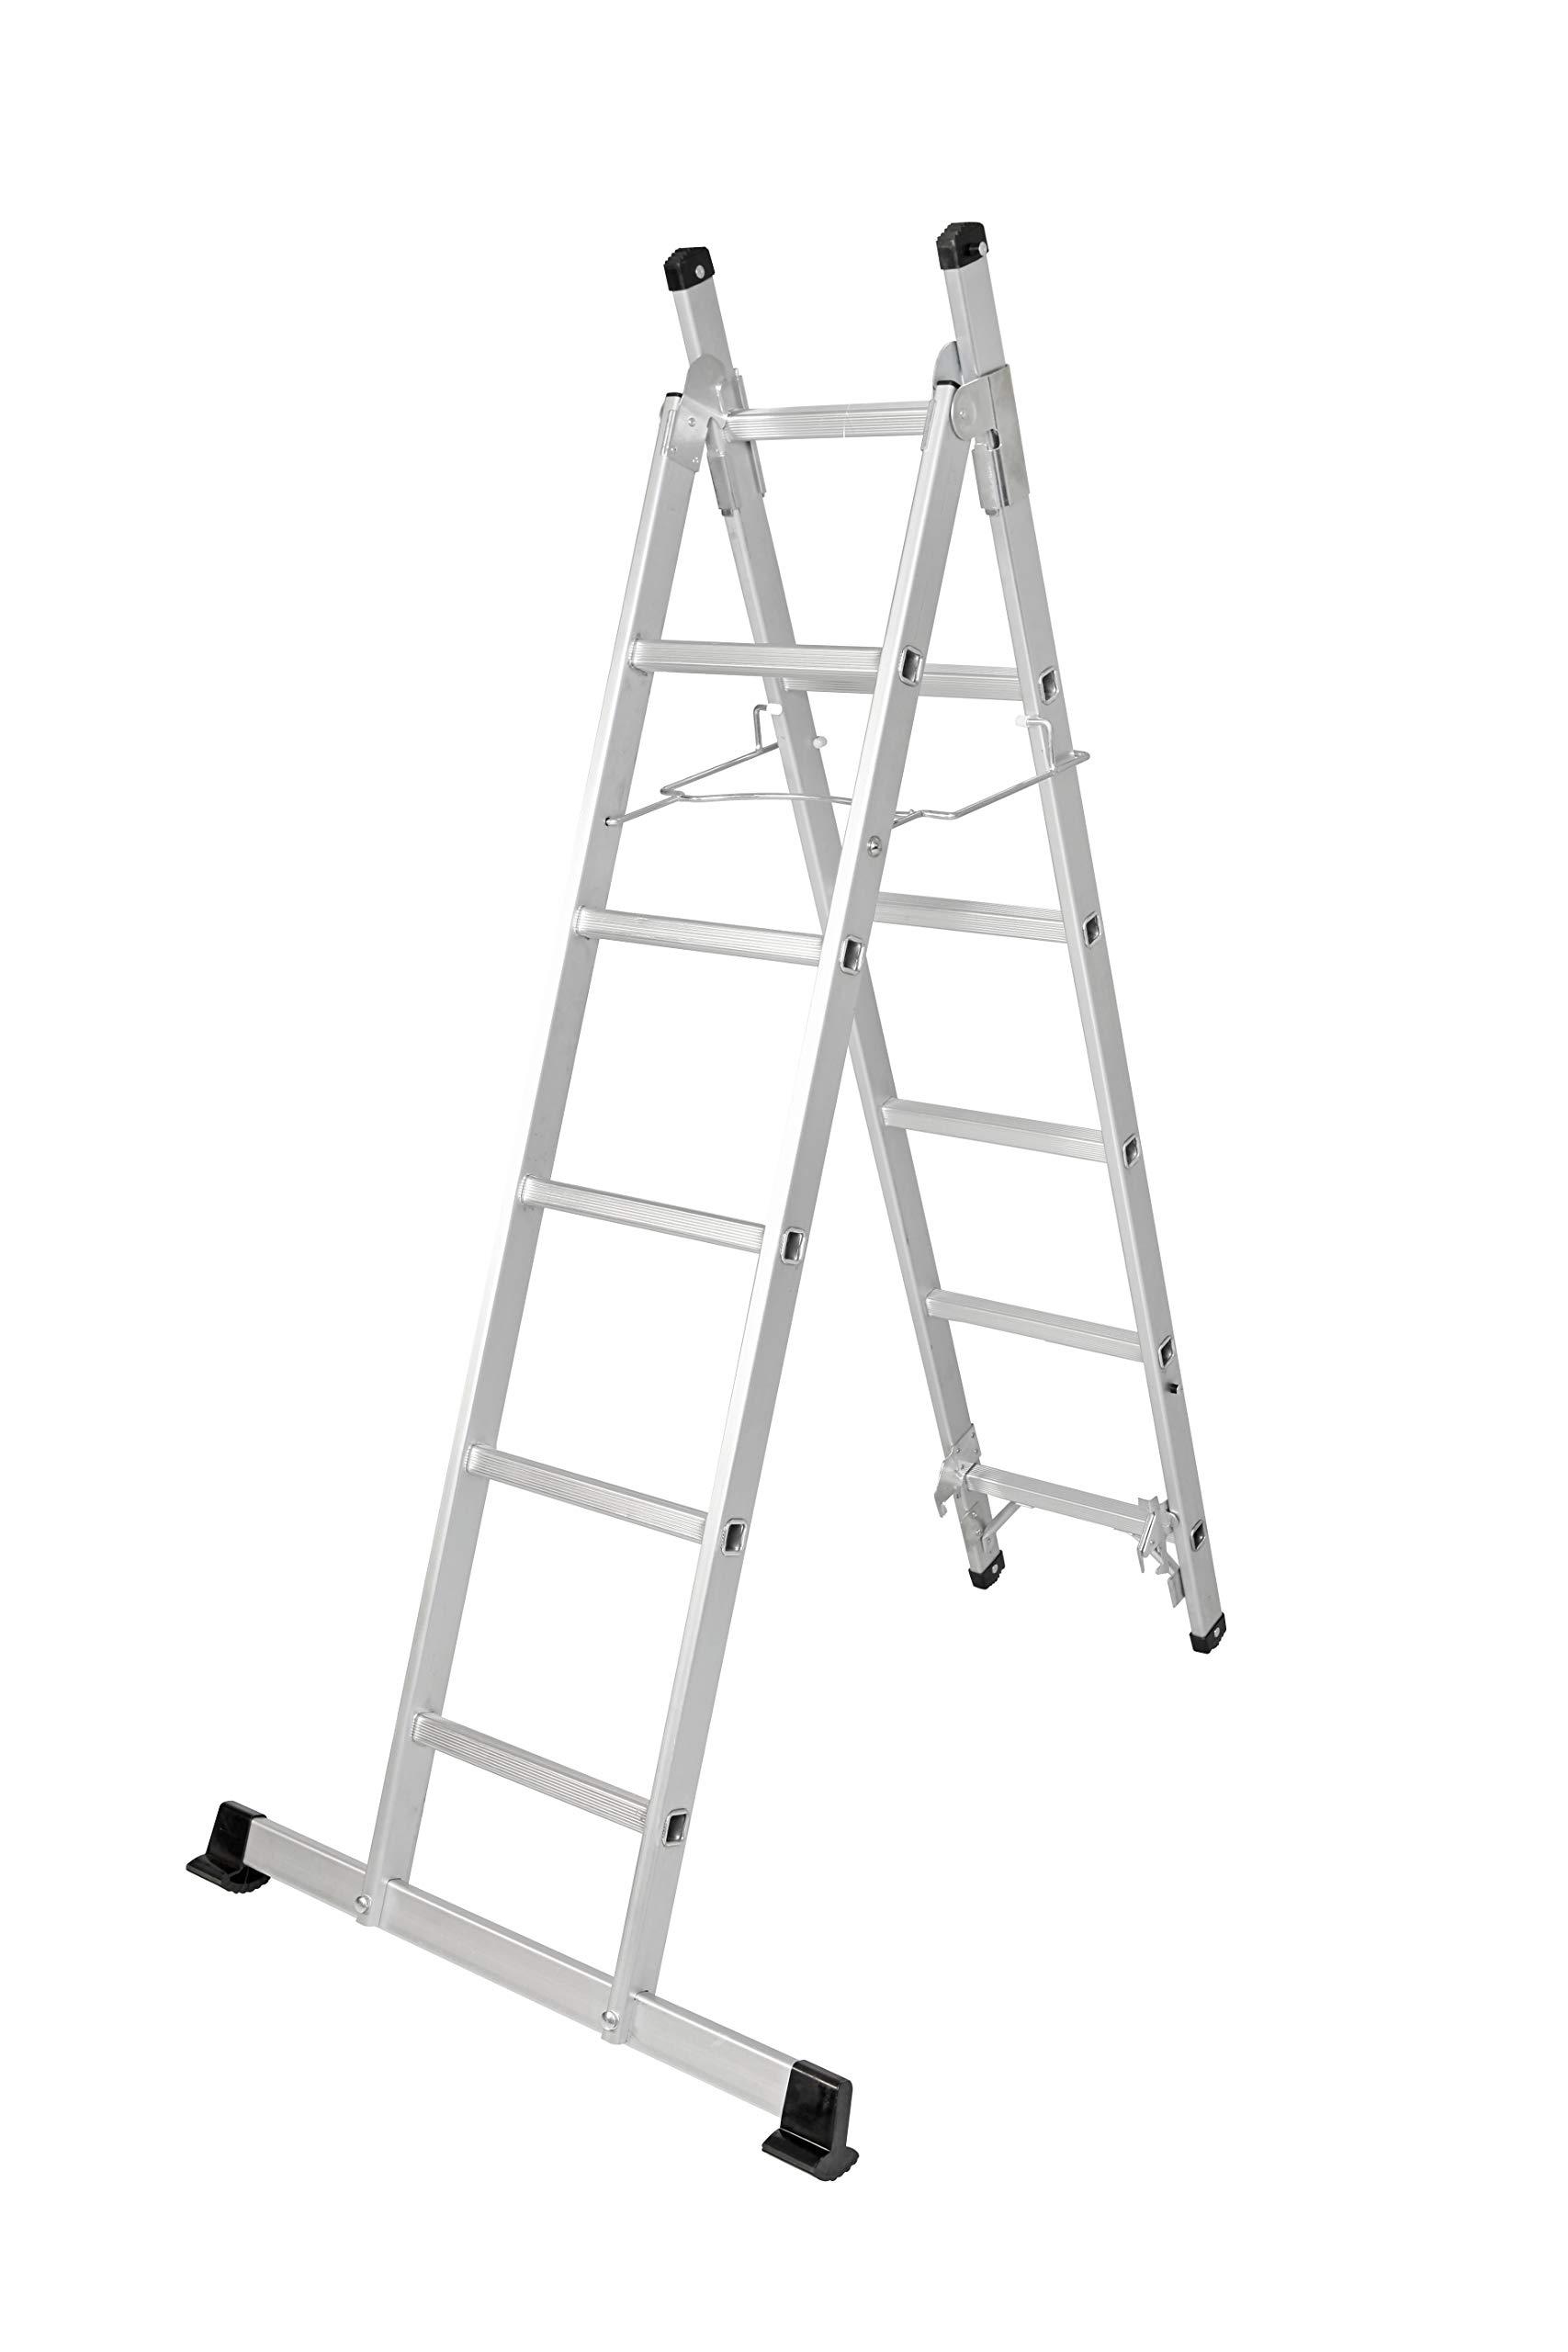 Escalera de aluminio 3 en 1, escalera de 3 escalones, plegable, 11 niveles, extensible hasta 250 cm: Amazon.es: Bricolaje y herramientas